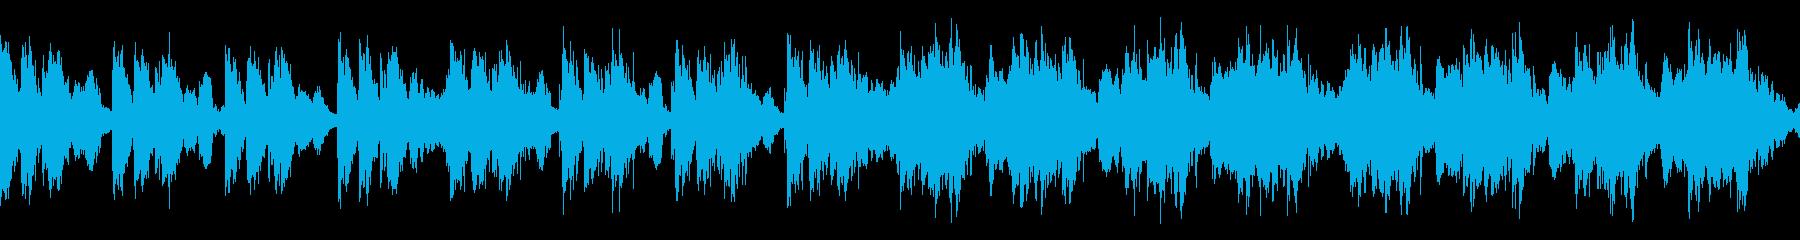 緊張感のあるオーケストラ/速め ループの再生済みの波形